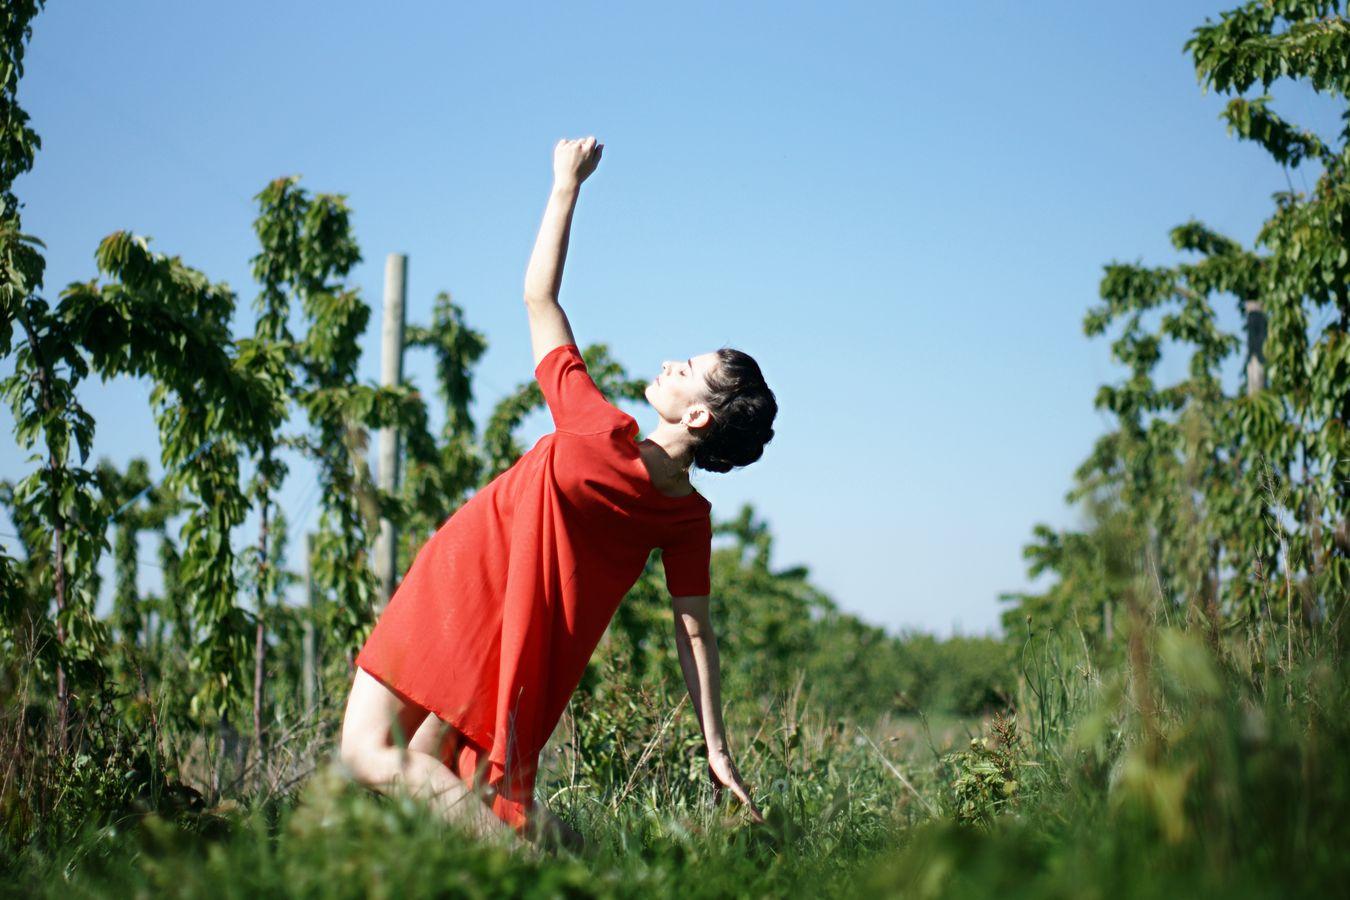 Au milieu des cerisiers de Saint-Laurent-d'Agny, Mathilde fait de la danse contemporaine en robe rouge. Son corps chute, alors en arrière comme si elle avait été renversée par le soleil.